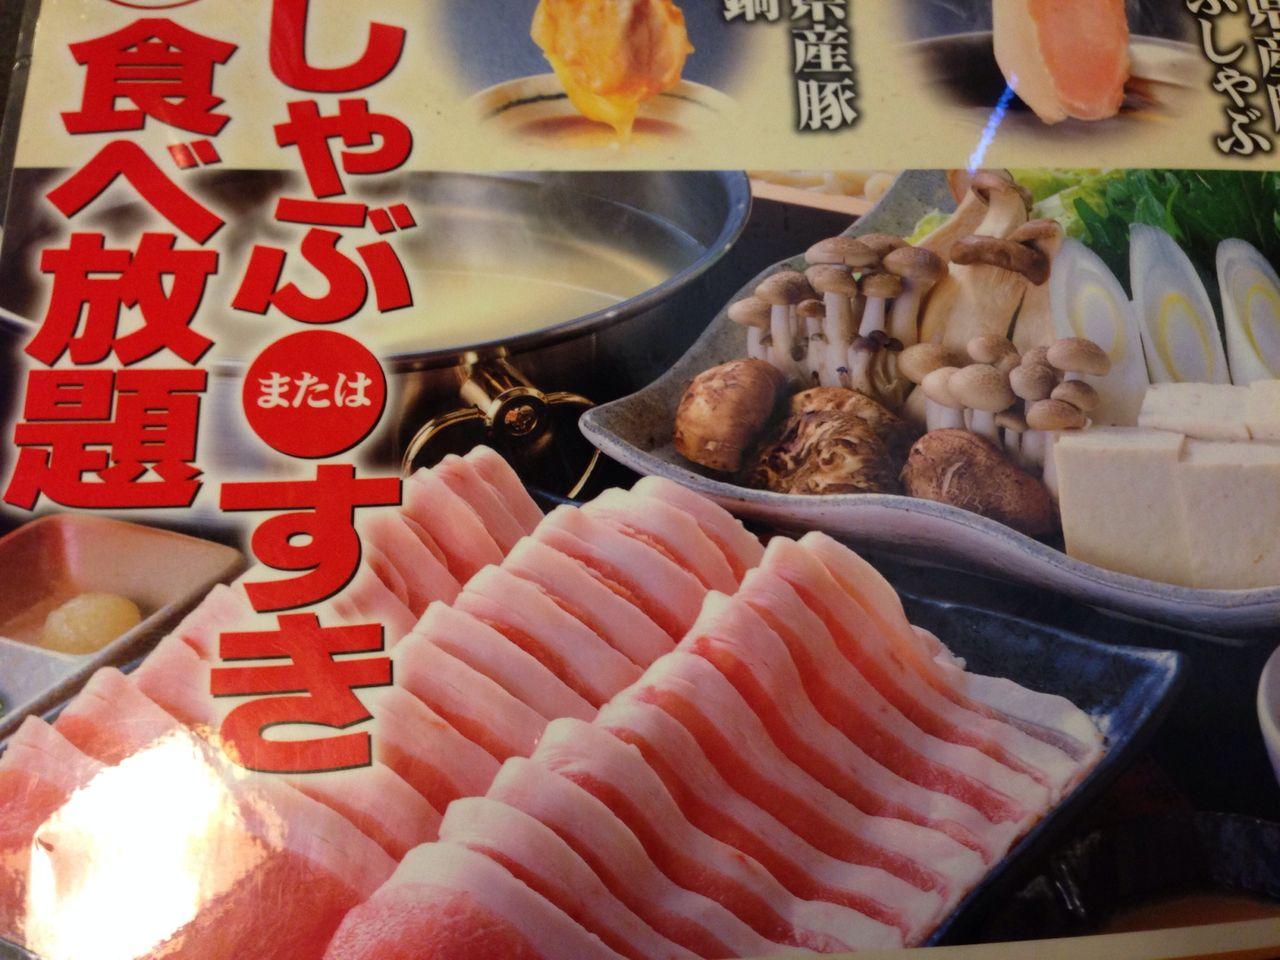 和風亭のしゃぶしゃぶ食べ放題に行ってきた。